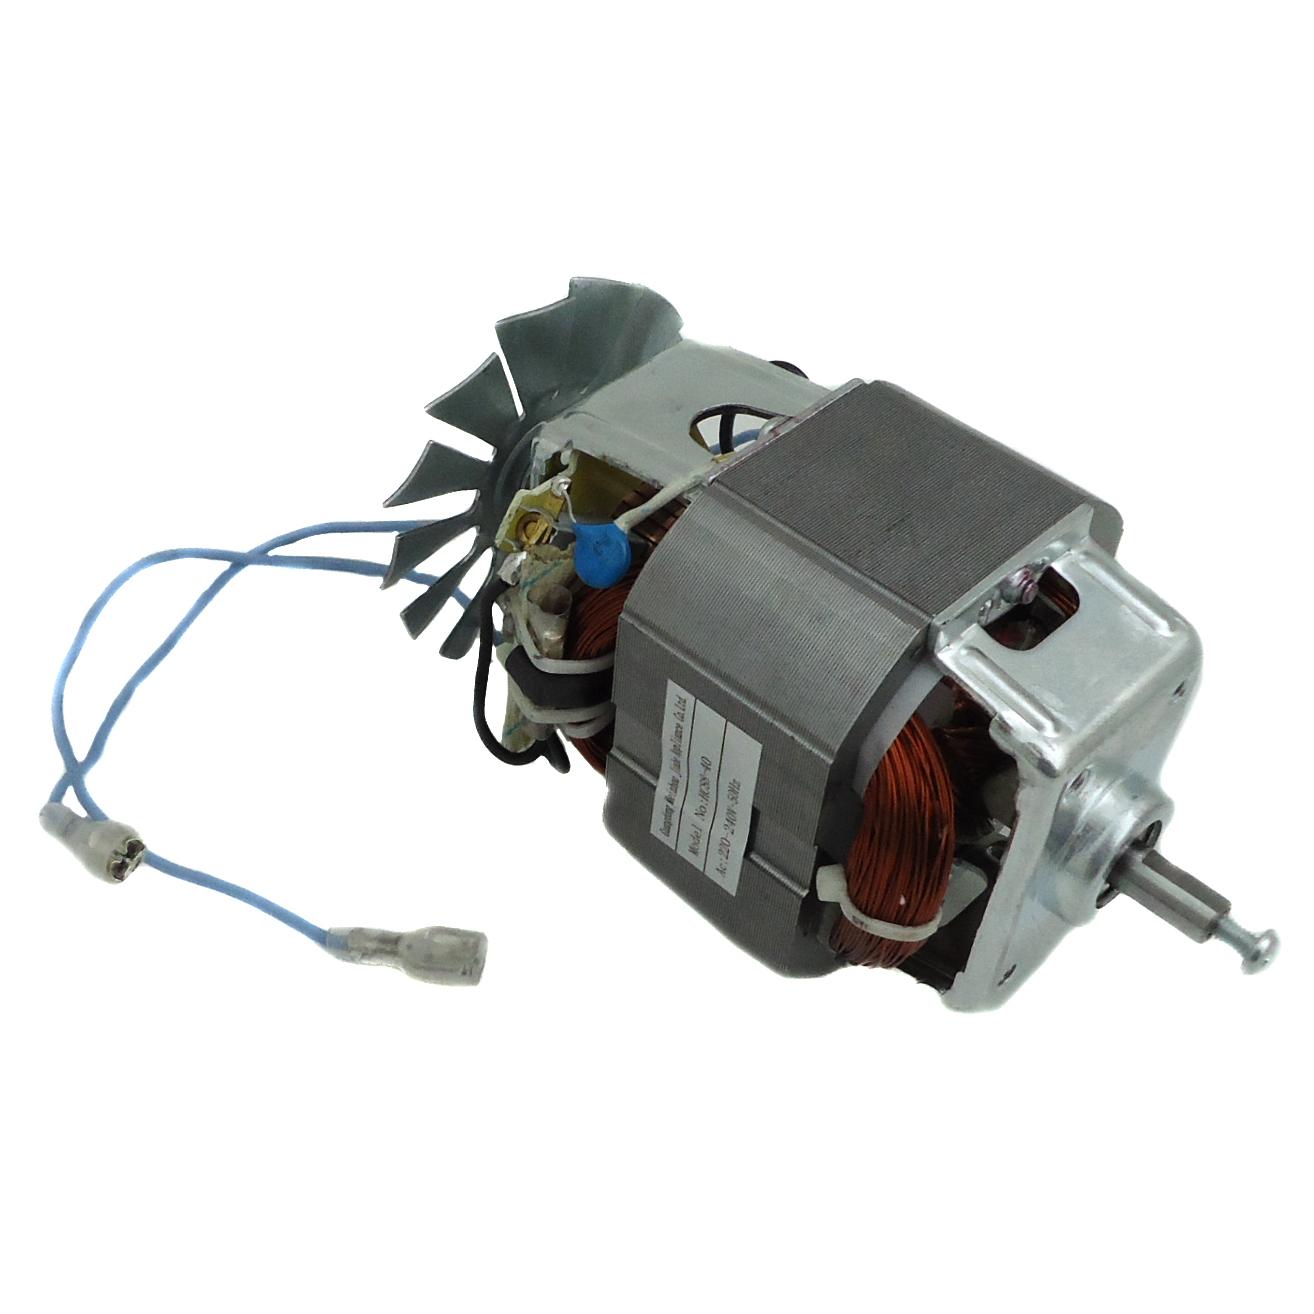 Μοτέρ από BELOGIA BL-6MC Μπλέντερ Επαγγελματικό 800Watt επαγγελματικός εξοπλισμός   μηχανές καφέ   συσκευές για bar   μπλέντερ  επαγγελμ